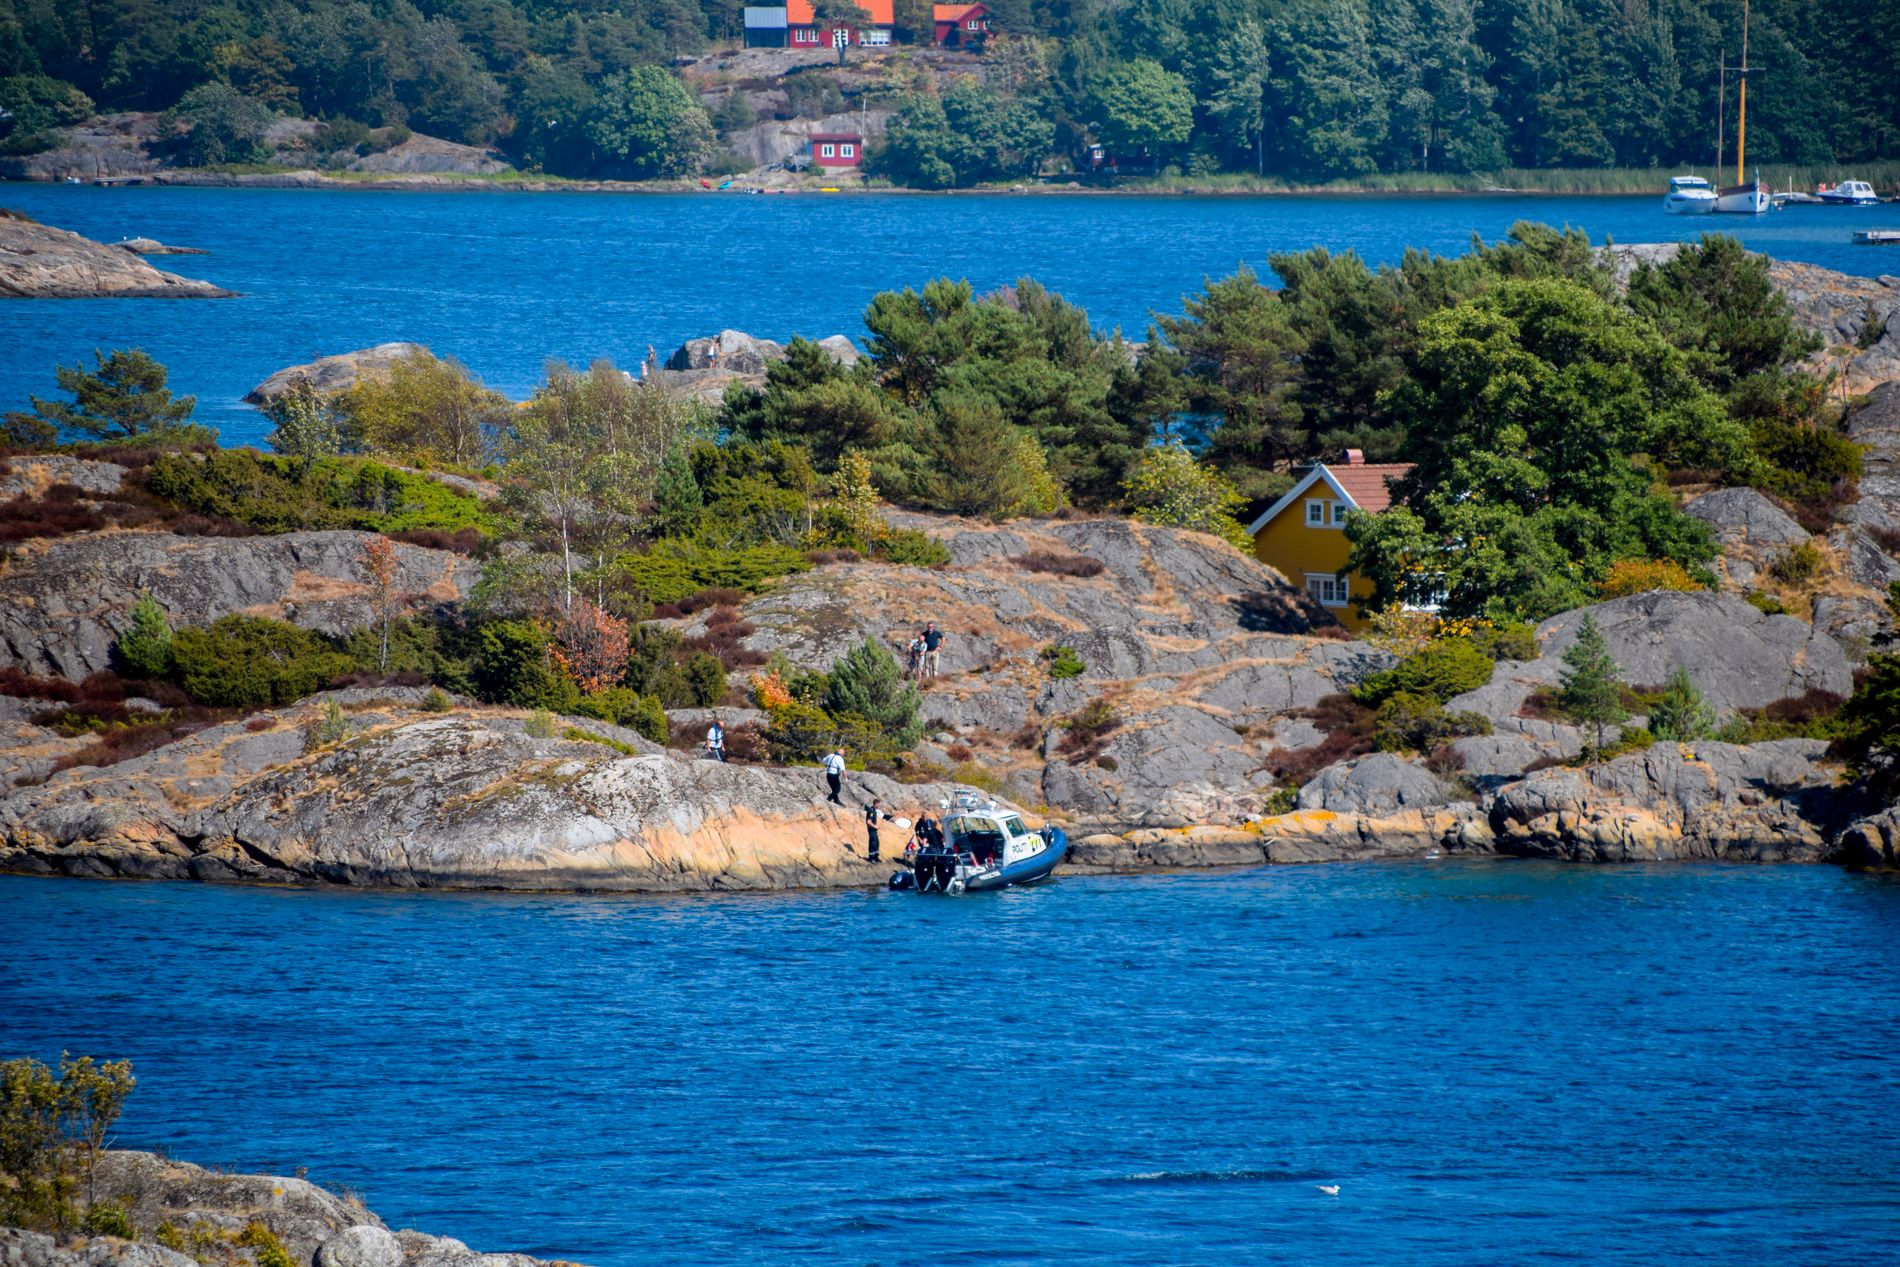 DØDSULYKKE: Ulykken skal ha skjedd i sundet mellom Hove camping på Tromøya og fastlandet i Arendal kommune.